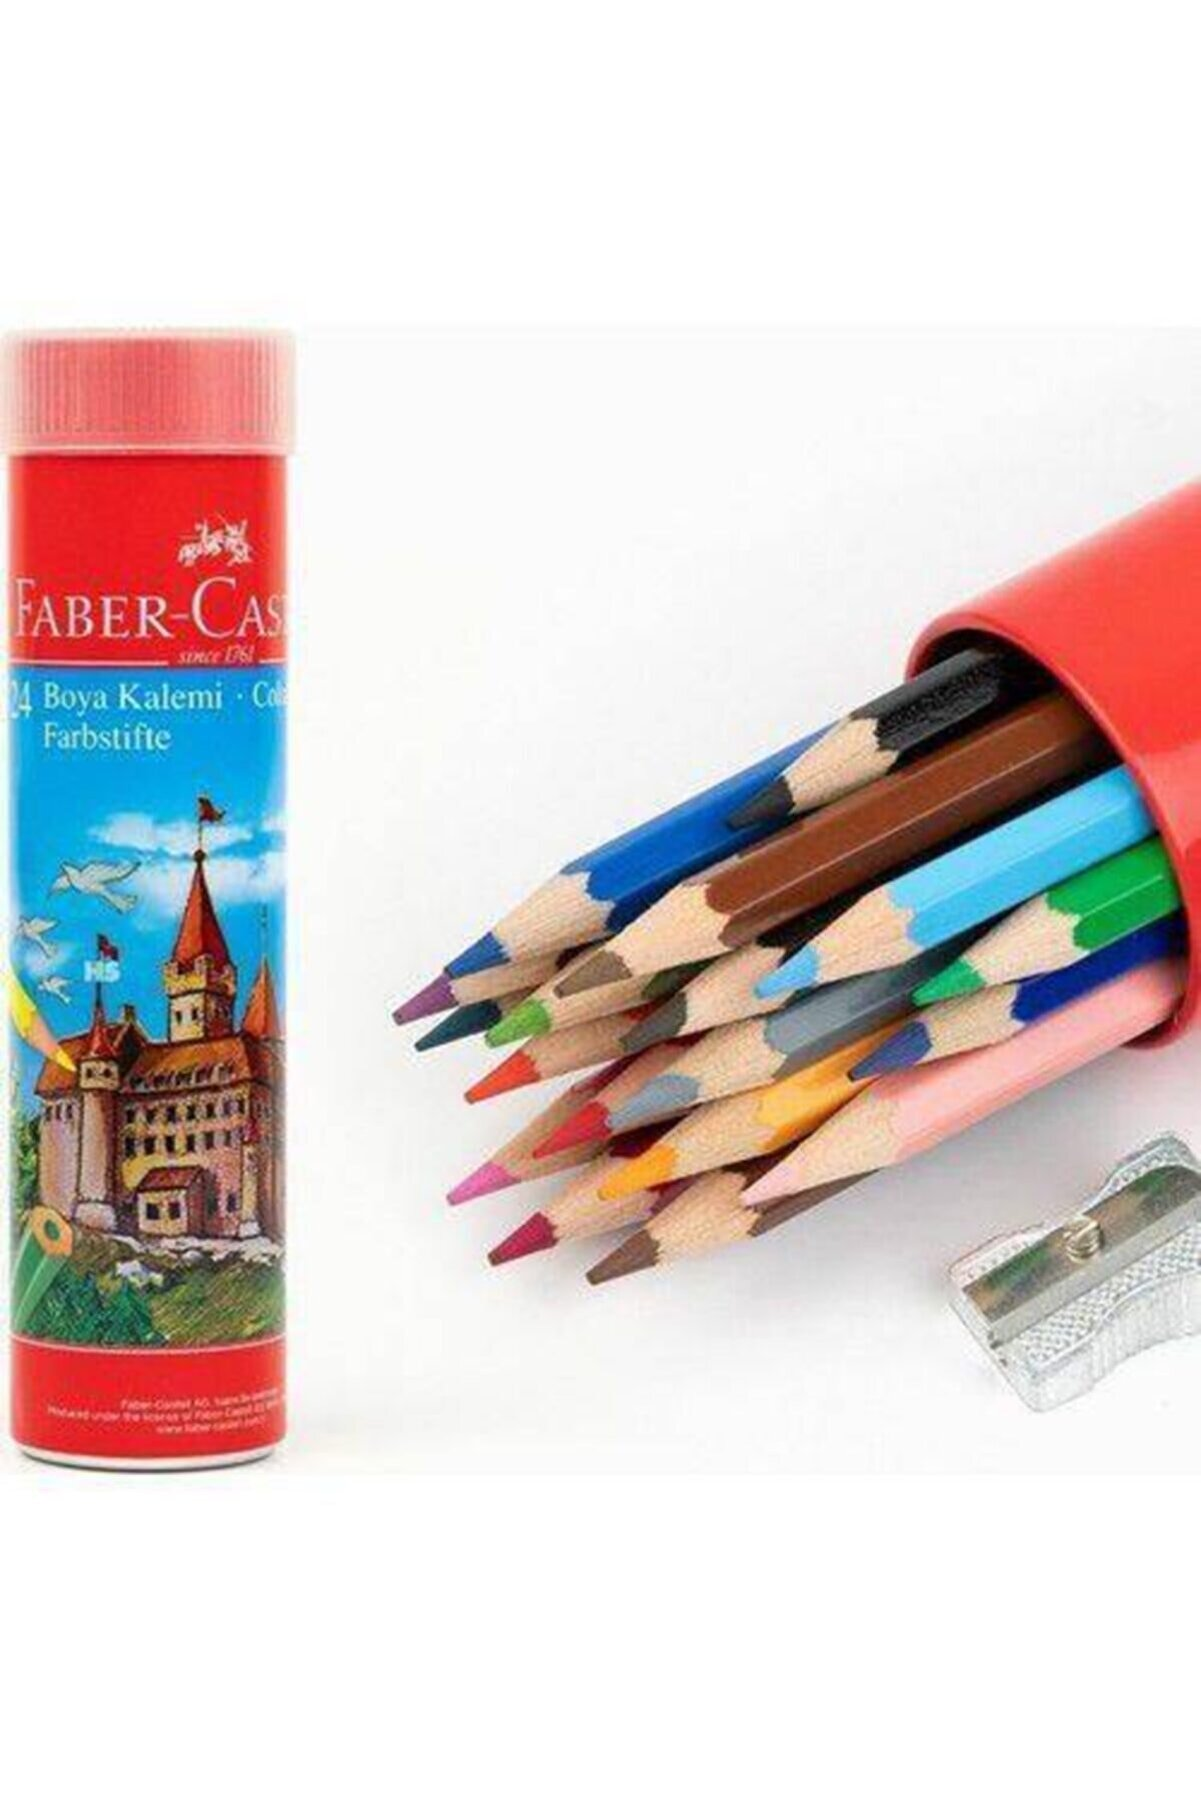 Faber Castell Fabercastell Kuru Boya 24 Renk Metal Tüpte